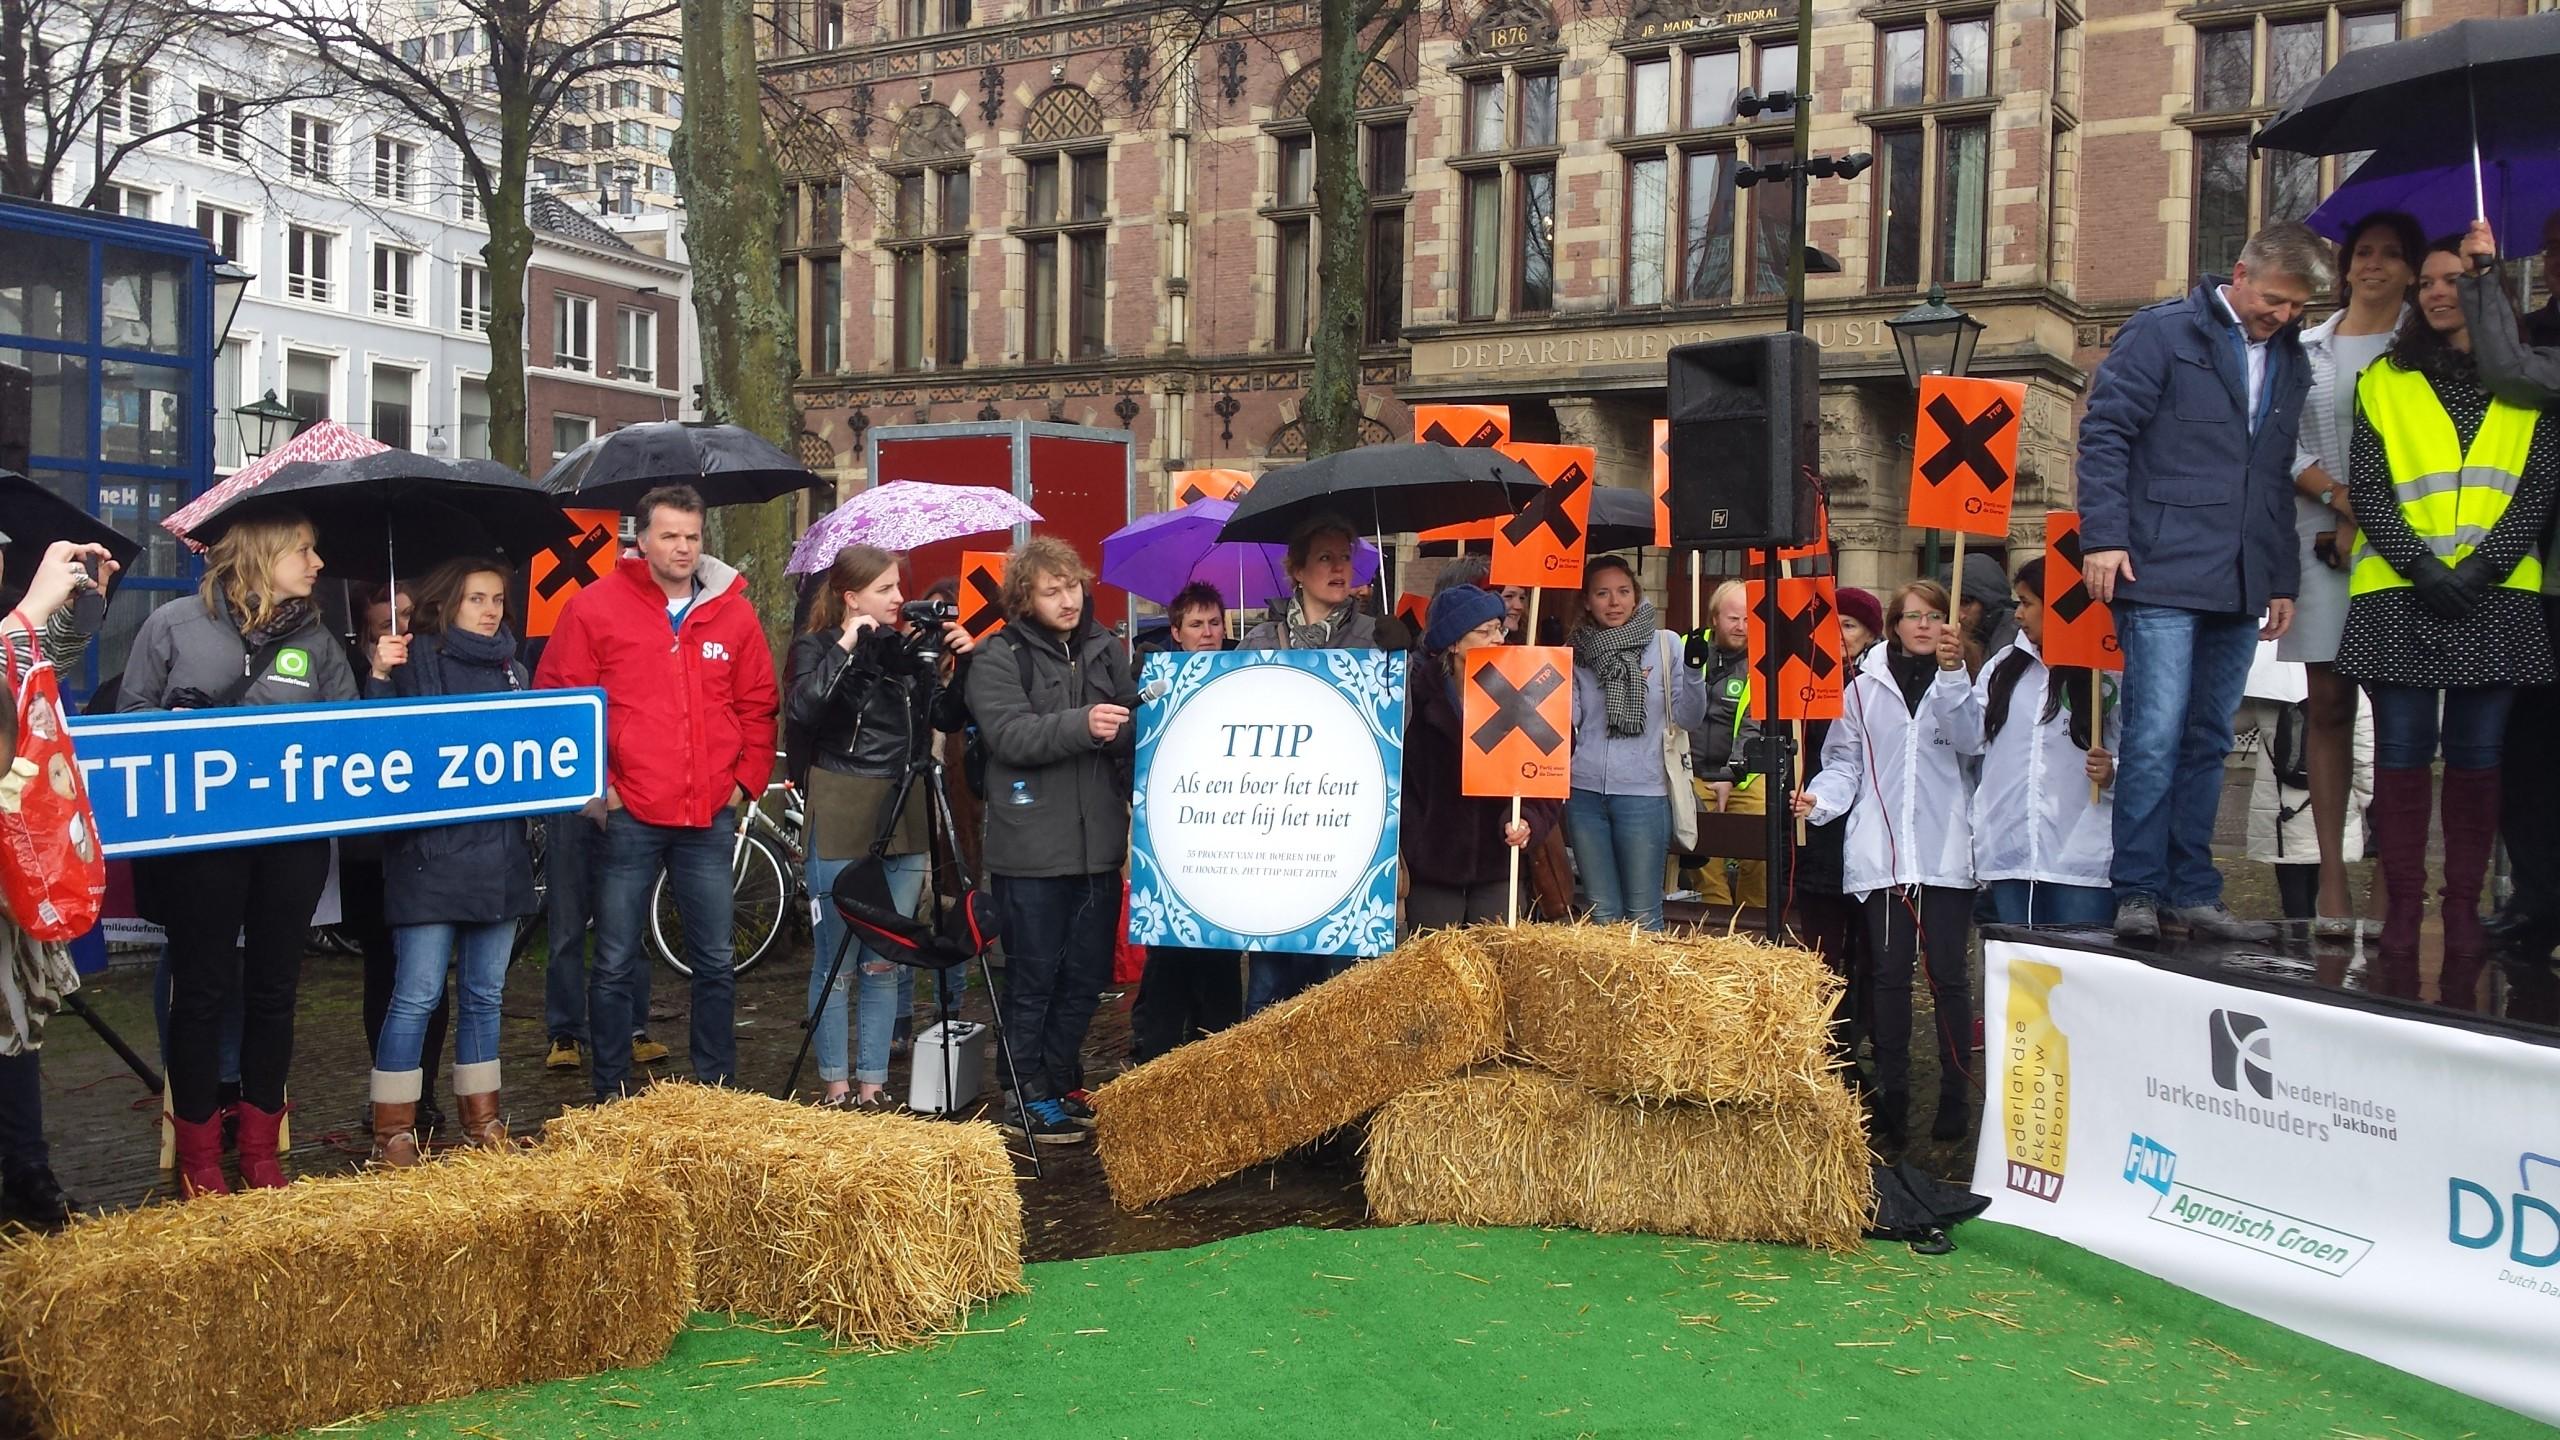 Boeren en Milieudefensie komen in opstand tegen TTIP